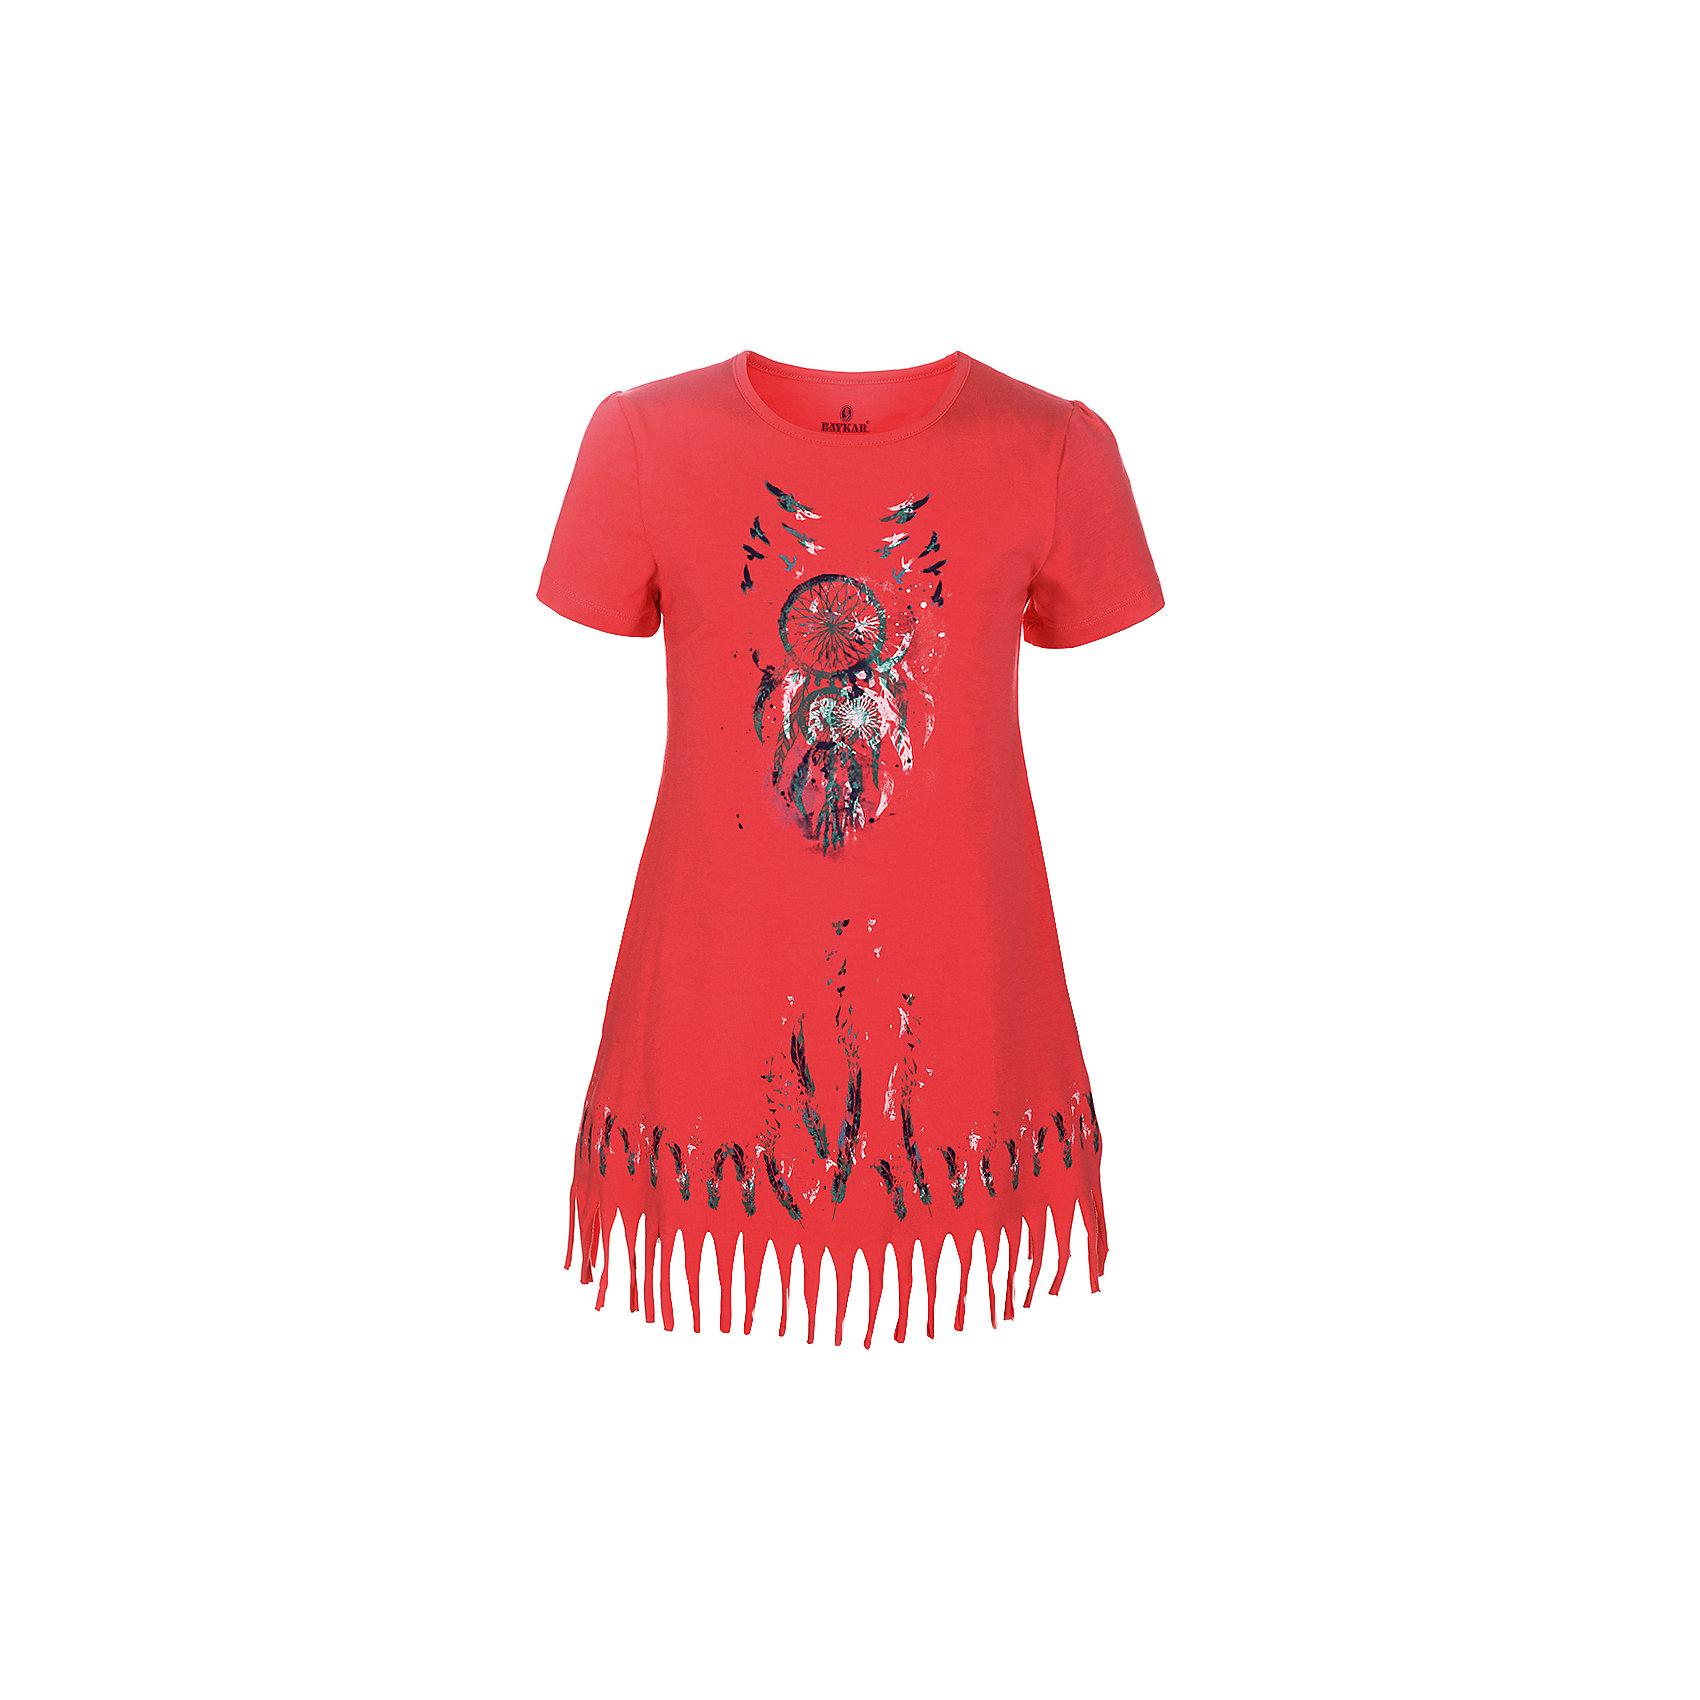 Сорочка для девочки BaykarПижамы и сорочки<br>Характеристики товара:<br><br>• цвет: розовый<br>• состав ткани: 95% хлопок; 5% эластан<br>• короткие рукава<br>• сезон: круглый год<br>• страна бренда: Турция<br>• страна изготовитель: Турция<br><br>Розовая сорочка для девочки позволяет обеспечить комфортный сон. Эта одежда для сна сделана из мягкого дышащего материала. <br><br>Продуманный крой обеспечивает комфортную посадку. Сорочка для девочки Baykar украшена симпатичным принтом.<br><br>Сорочку для девочки Baykar (Байкар) можно купить в нашем интернет-магазине.<br><br>Ширина мм: 281<br>Глубина мм: 70<br>Высота мм: 188<br>Вес г: 295<br>Цвет: розовый<br>Возраст от месяцев: 108<br>Возраст до месяцев: 120<br>Пол: Женский<br>Возраст: Детский<br>Размер: 134/140,140/146,122/128,128/134<br>SKU: 6764862